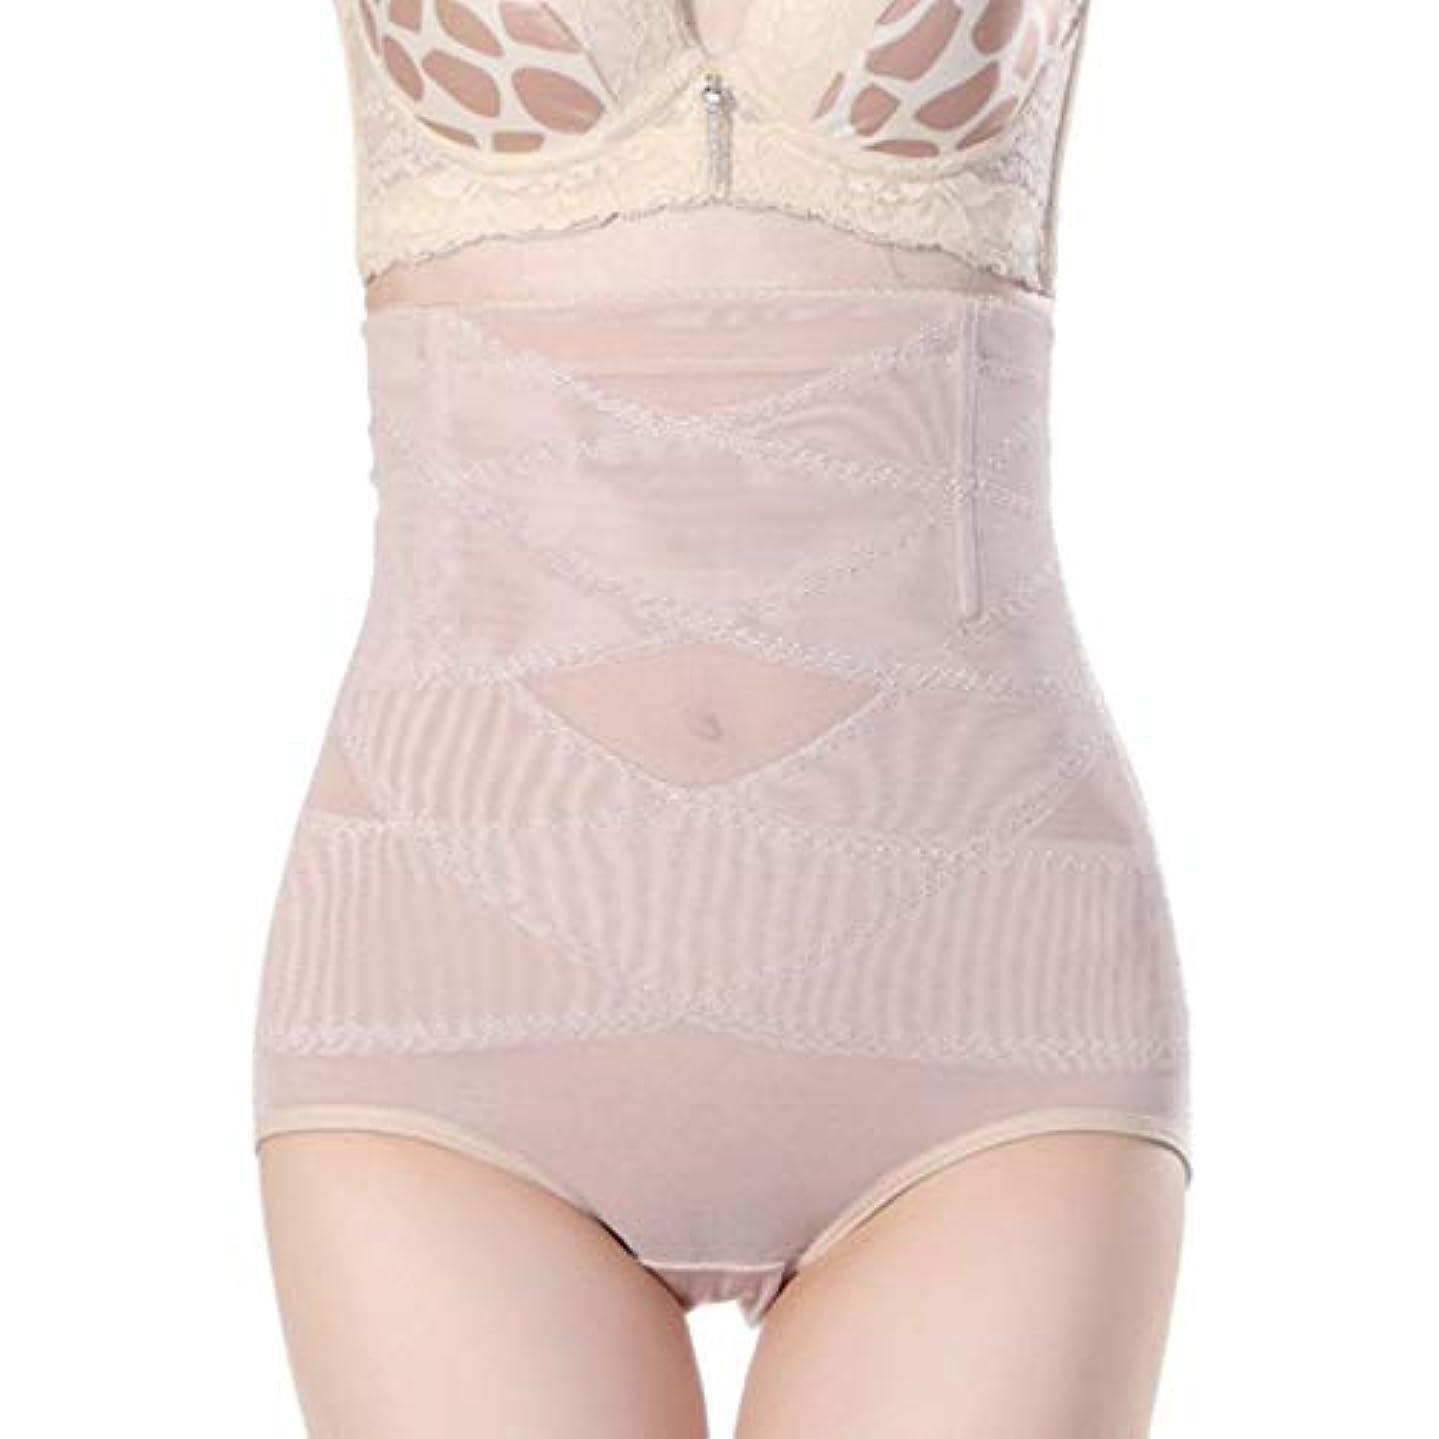 一晩幾分ポーズ腹部制御下着シームレスおなかコントロールパンティーバットリフターボディシェイパーを痩身通気性のハイウエストの女性 - 肌色3 XL